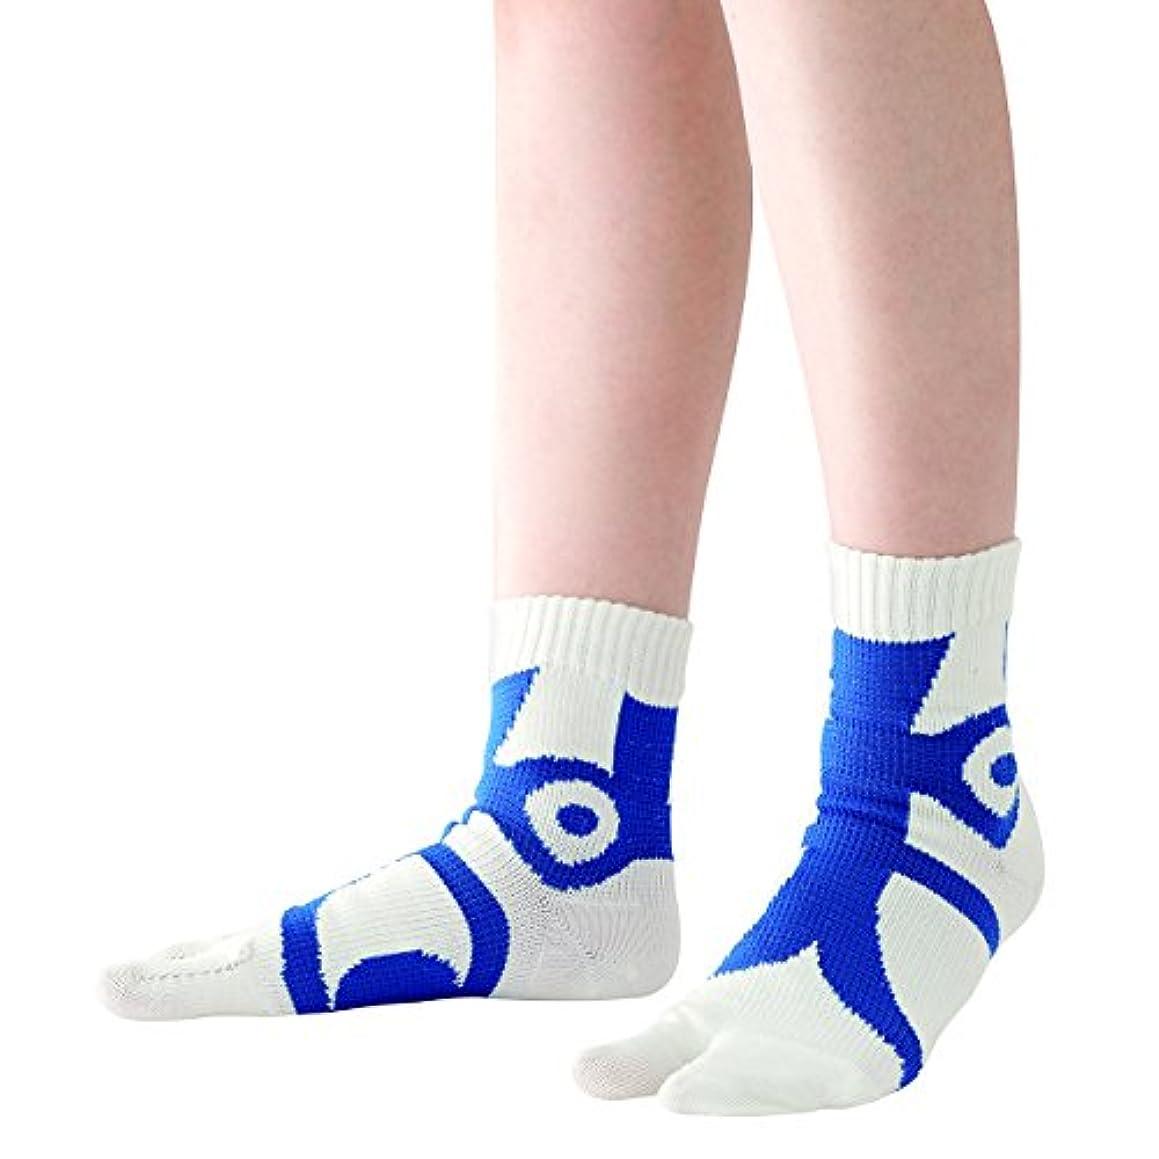 道路を作るプロセスしてはいけません疎外快歩テーピング靴下 ホワイト×ブルー